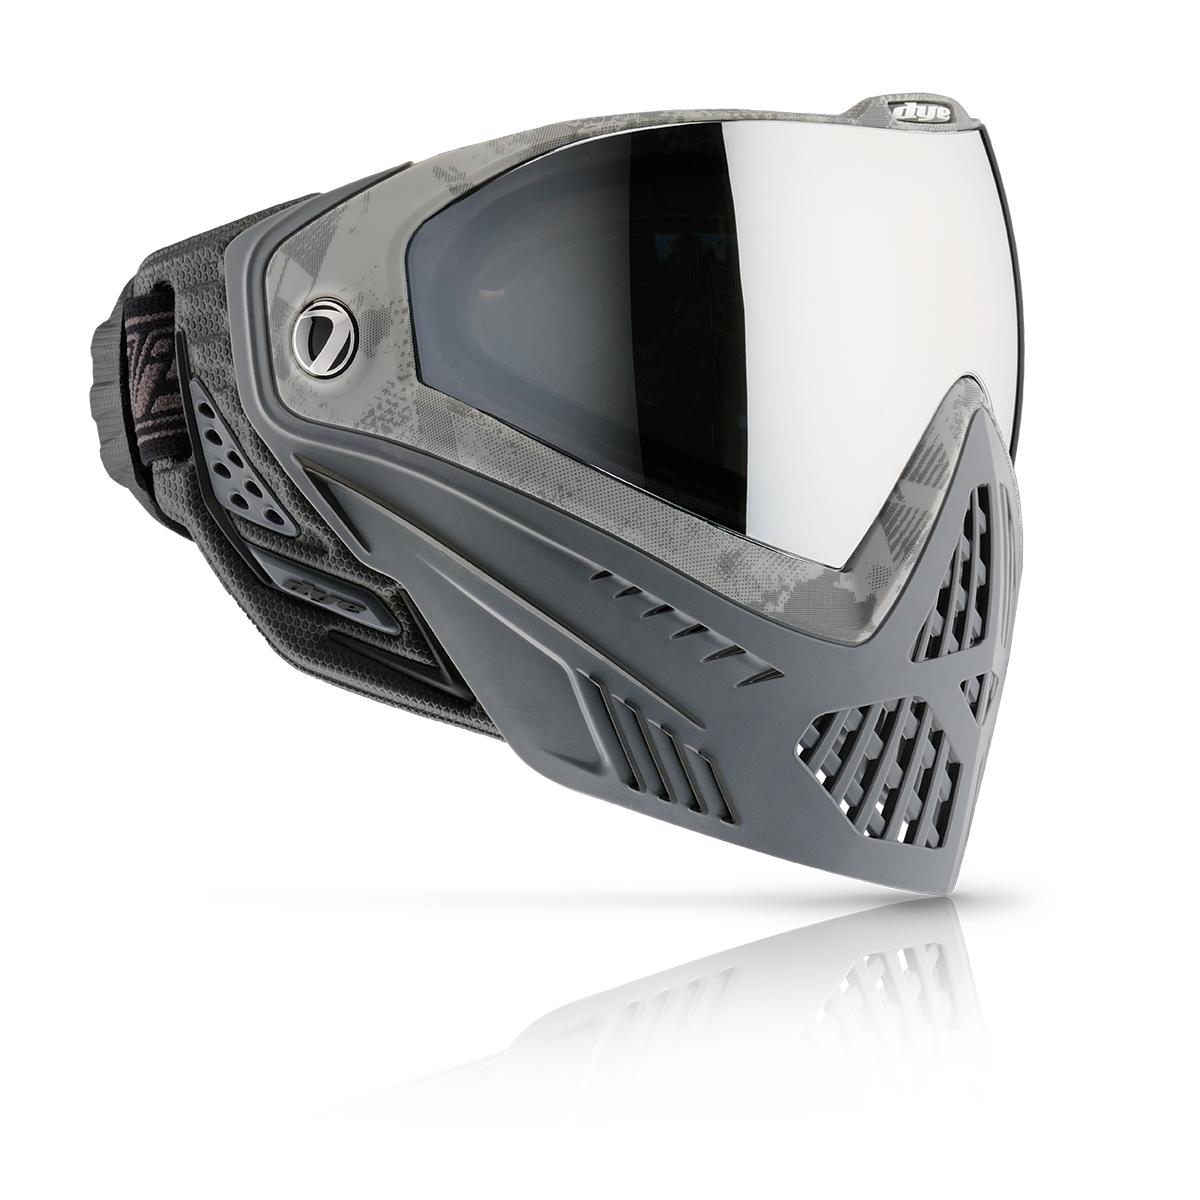 Dye Goggle i5 Blackout product image